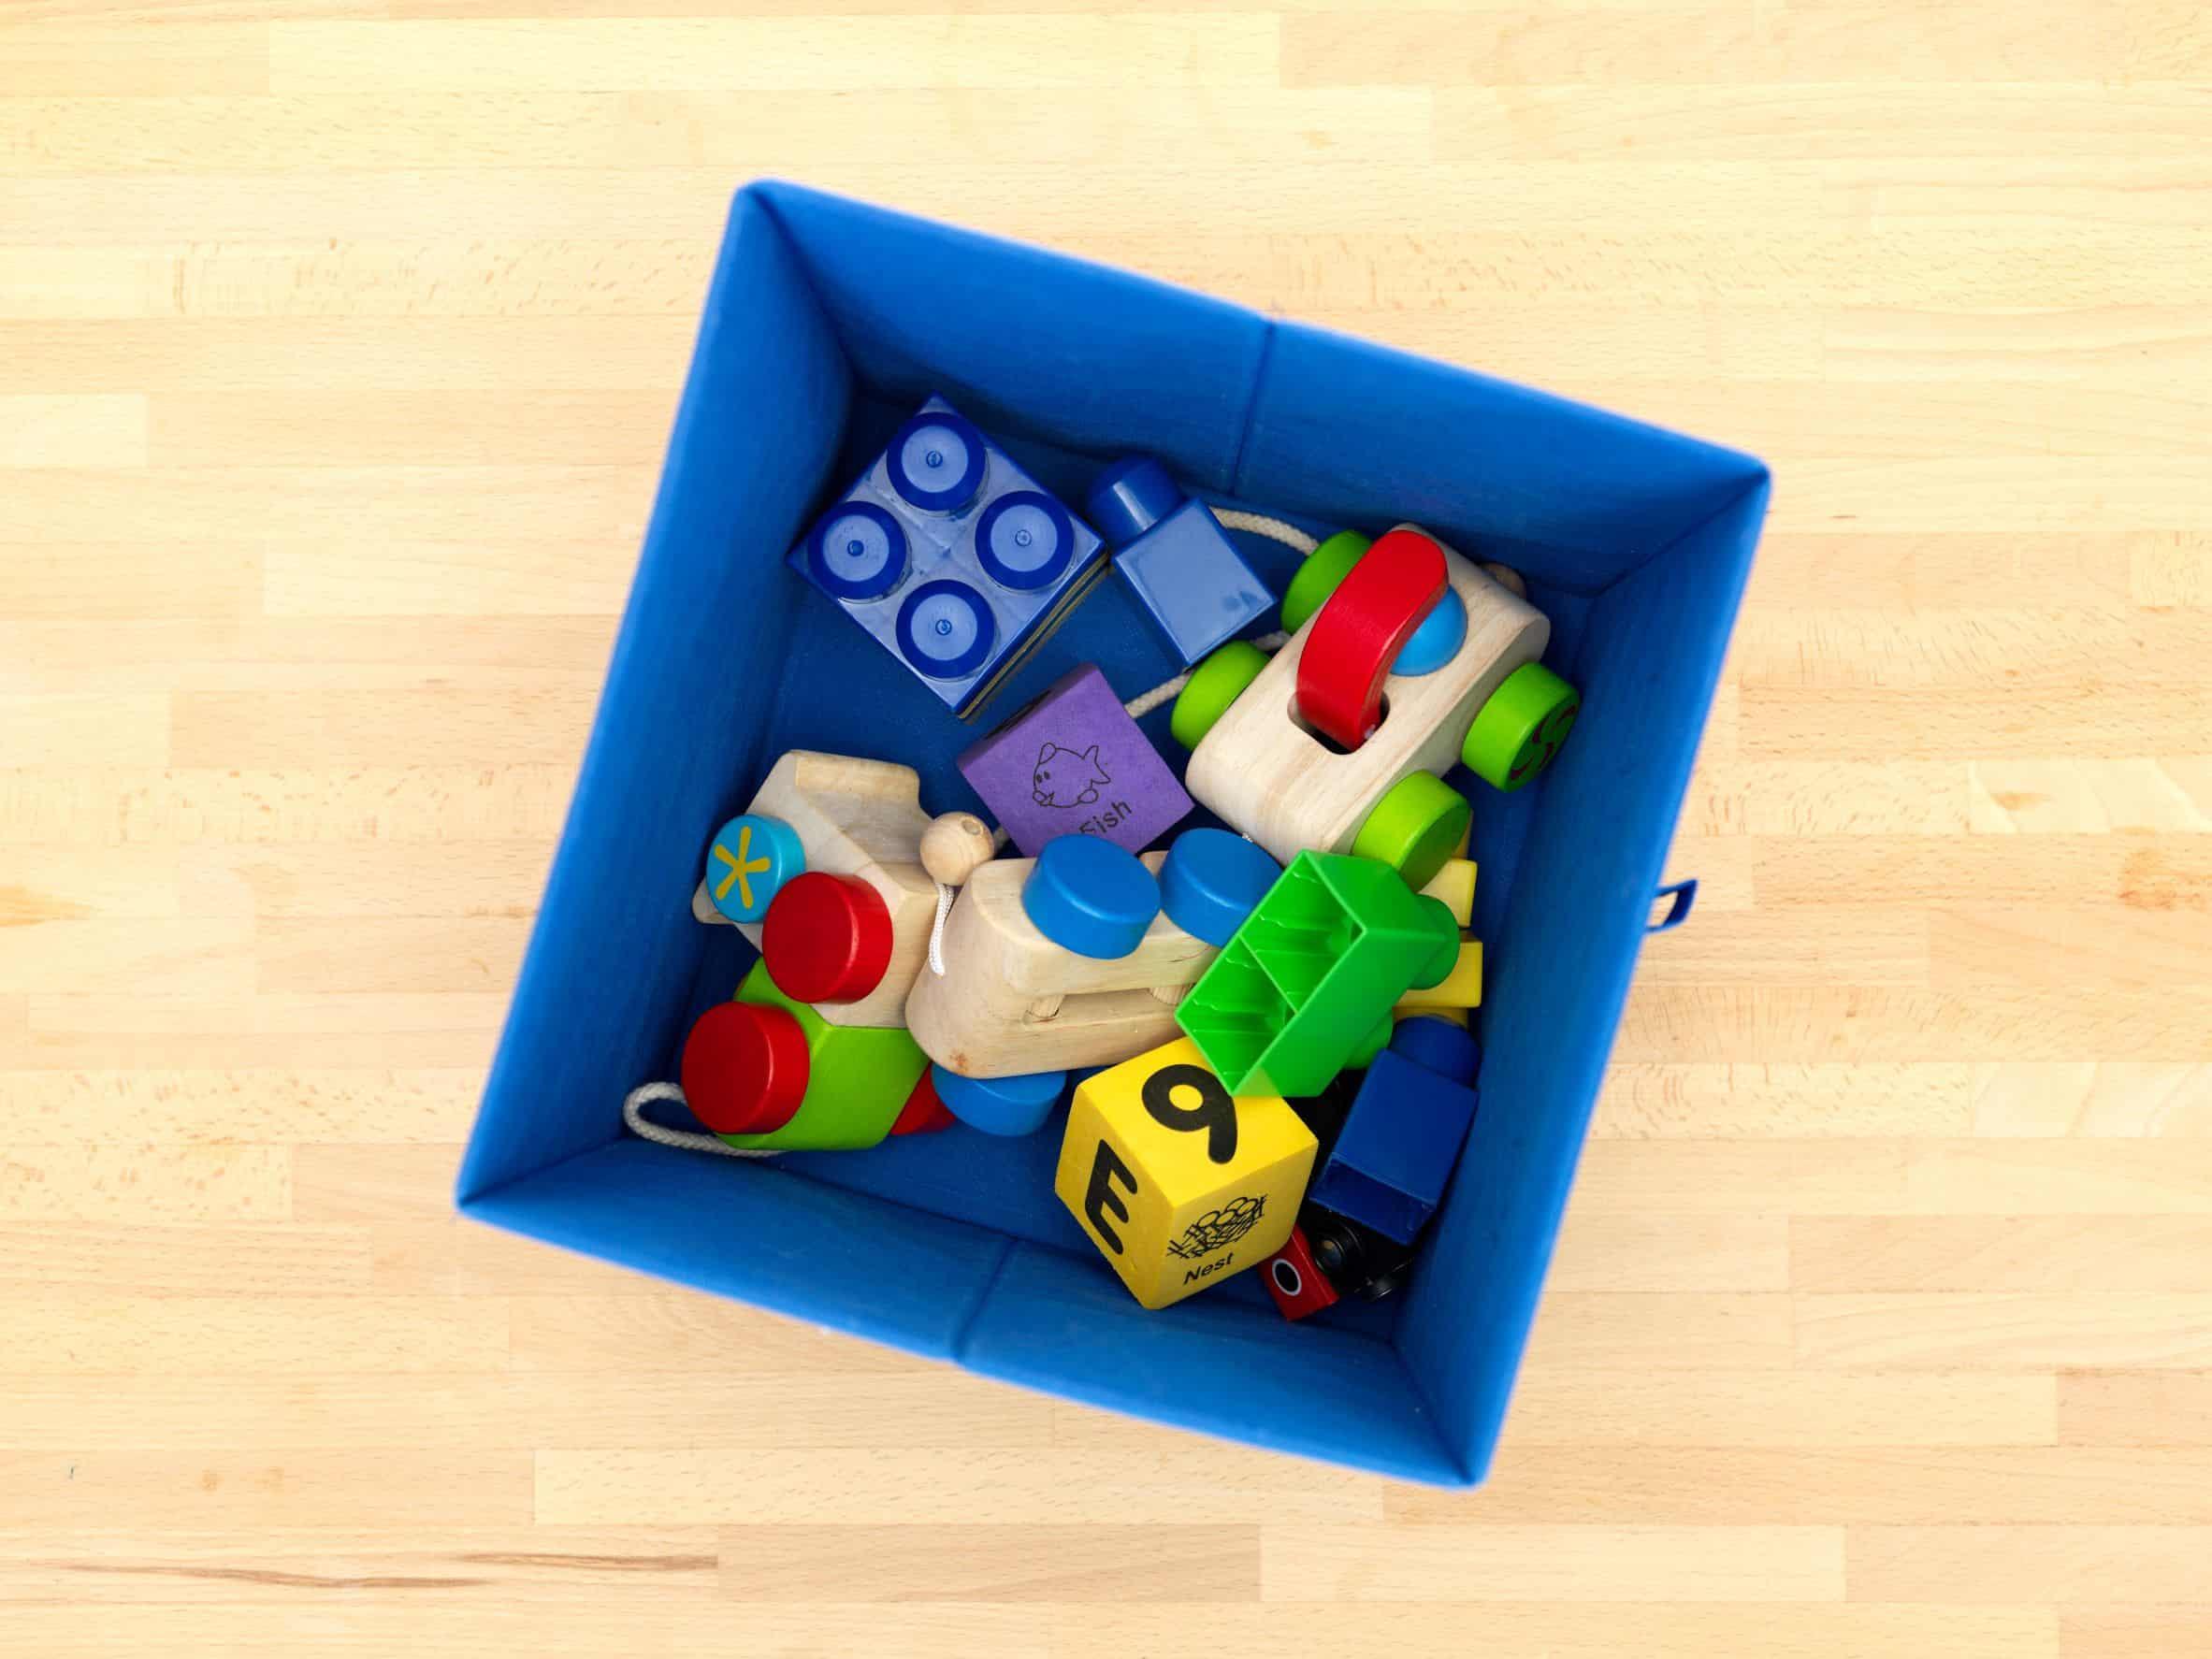 Organizador de brinquedos: Como escolher o melhor em 2020?